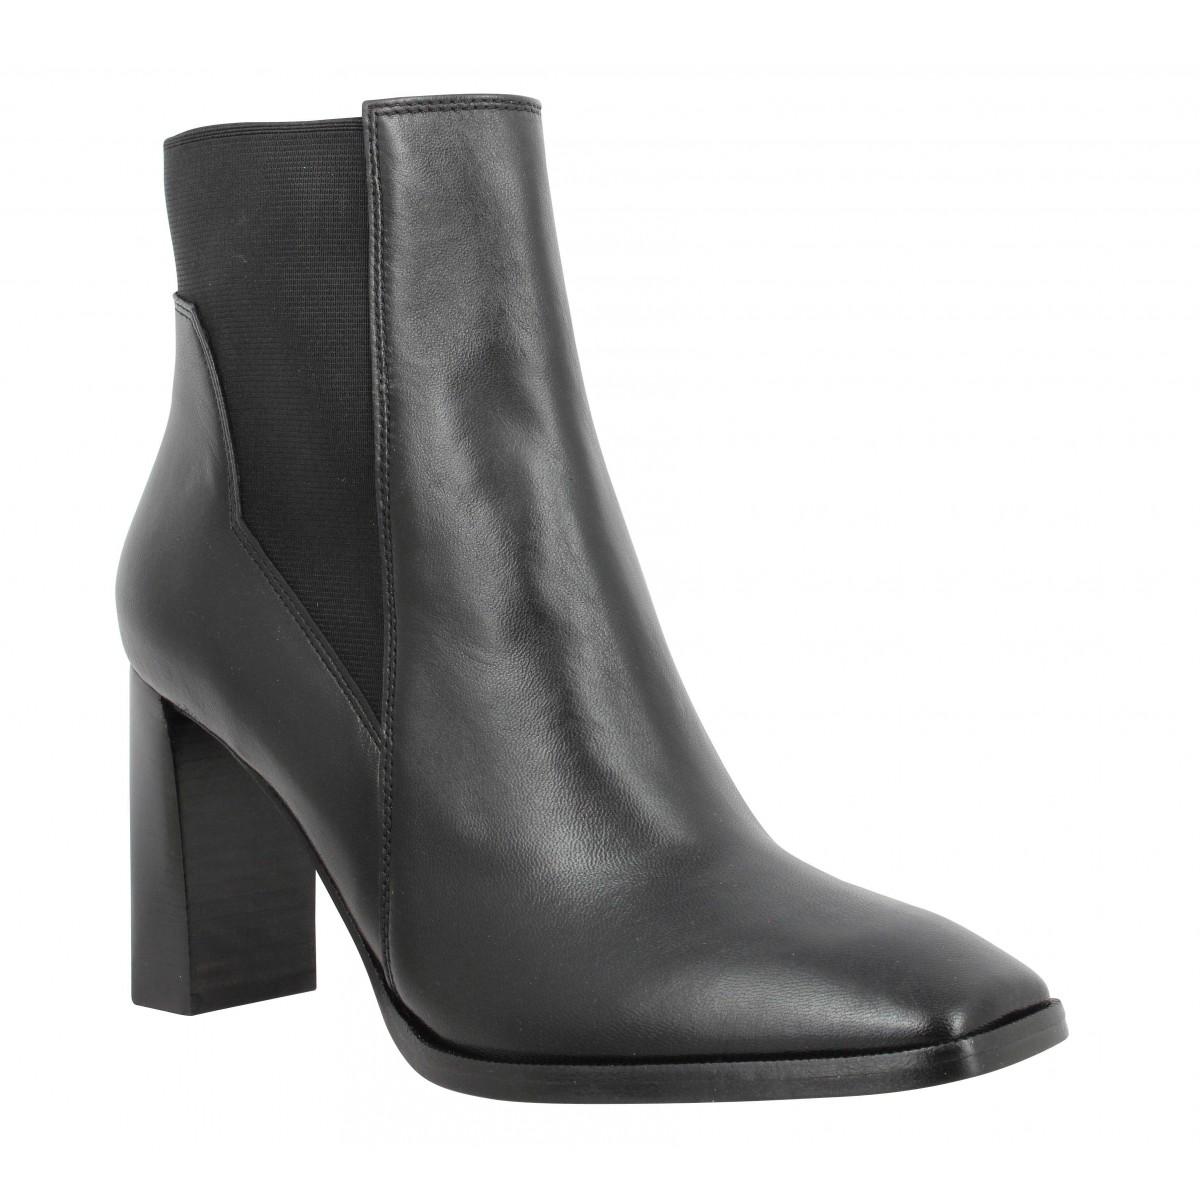 Bottines FREE LANCE July 8 Asymetrique Chelsea Boot cuir Femme Noir